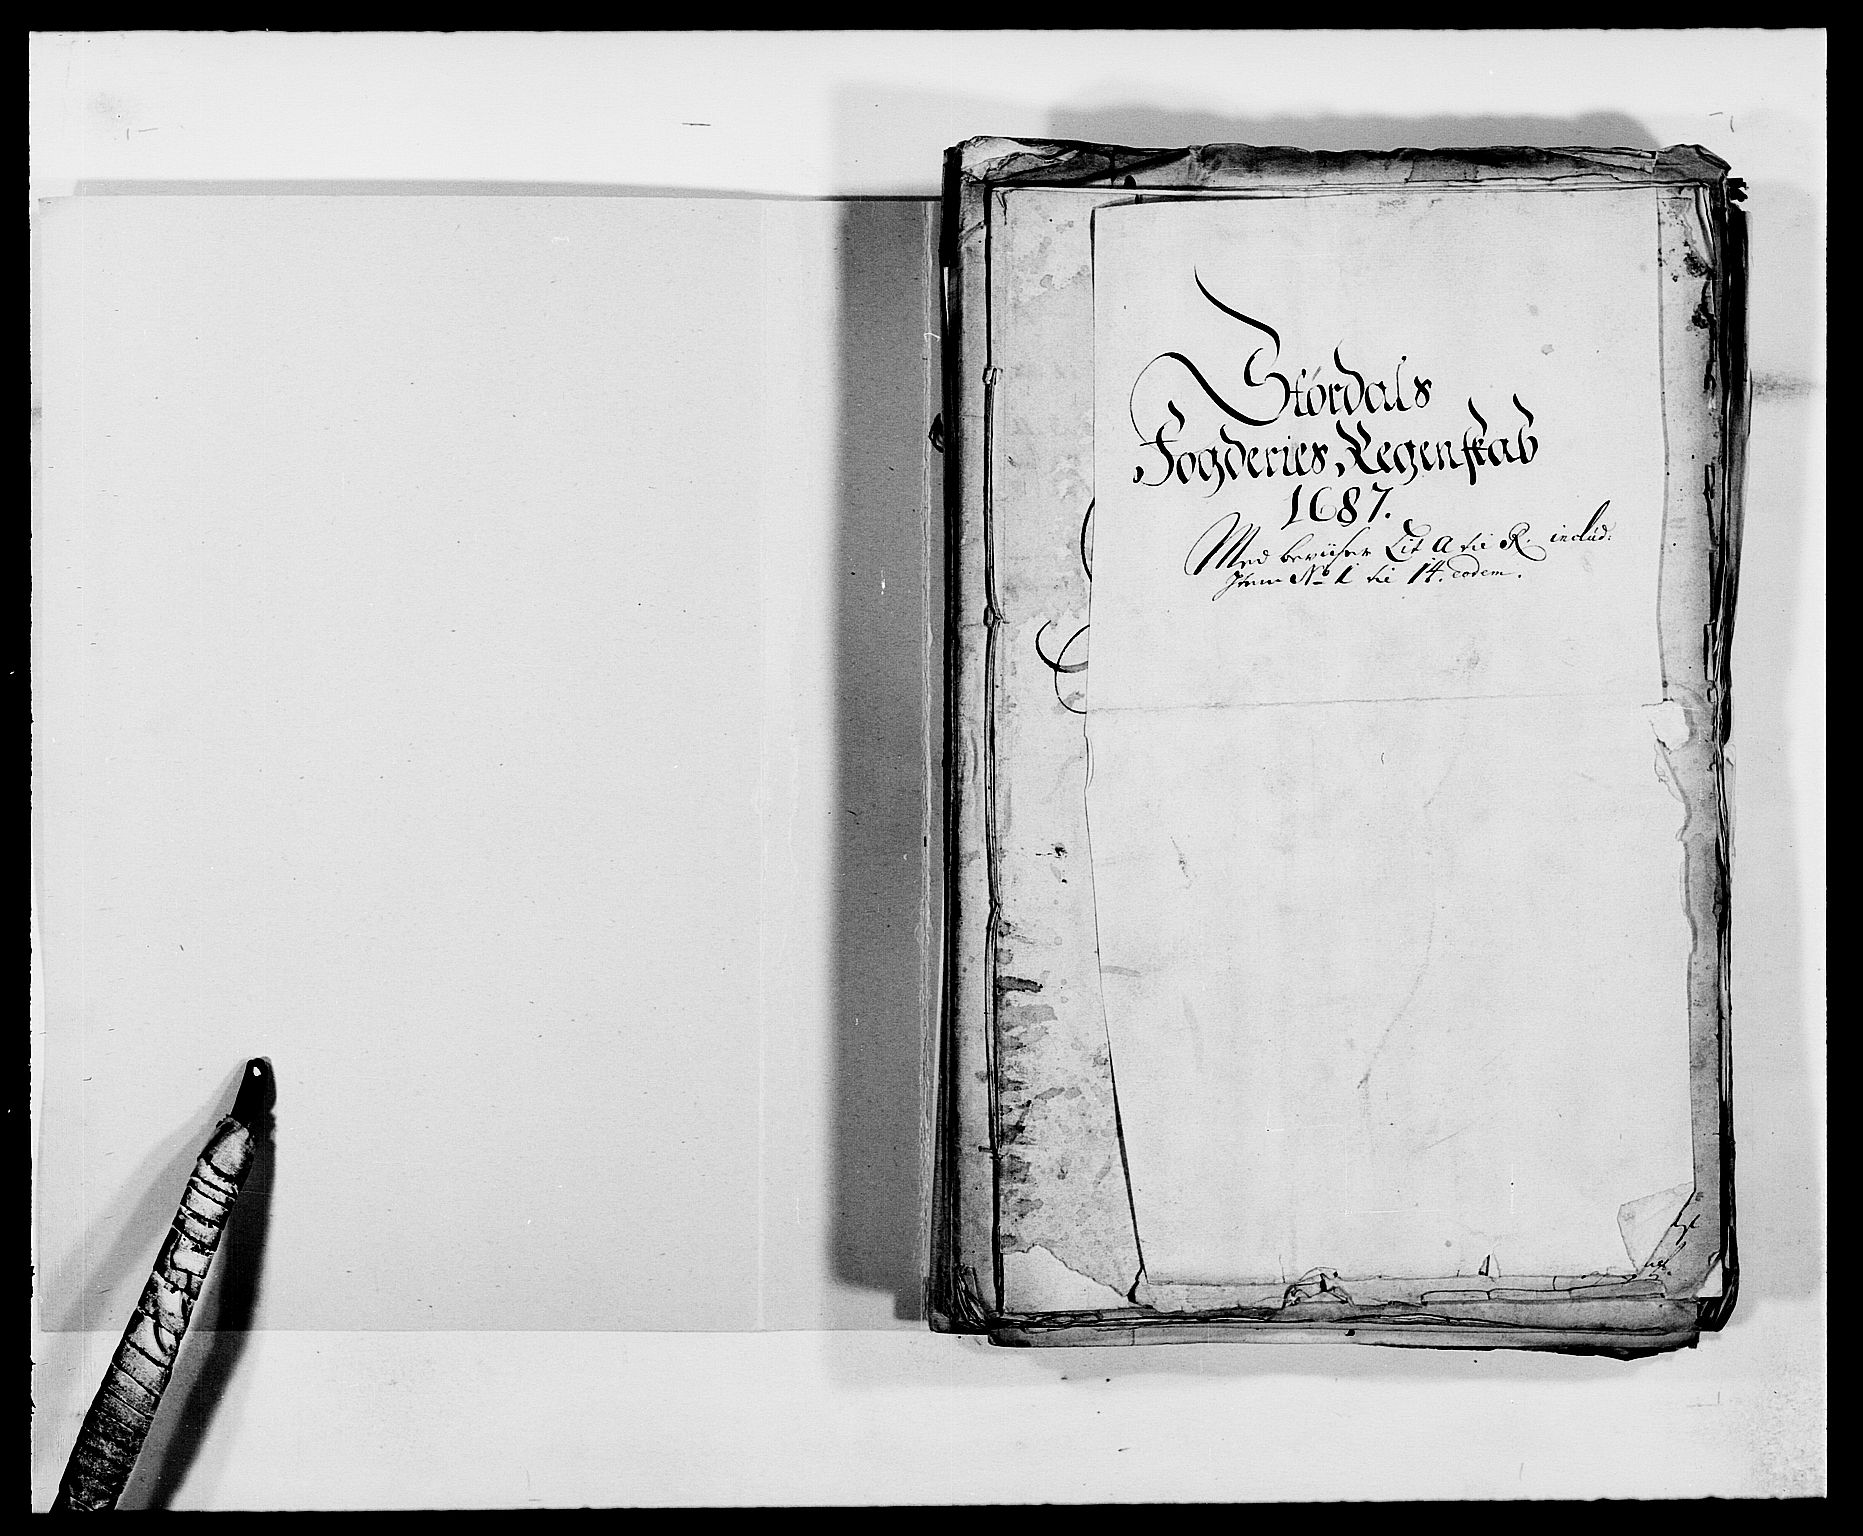 RA, Rentekammeret inntil 1814, Reviderte regnskaper, Fogderegnskap, R62/L4183: Fogderegnskap Stjørdal og Verdal, 1687-1689, s. 2